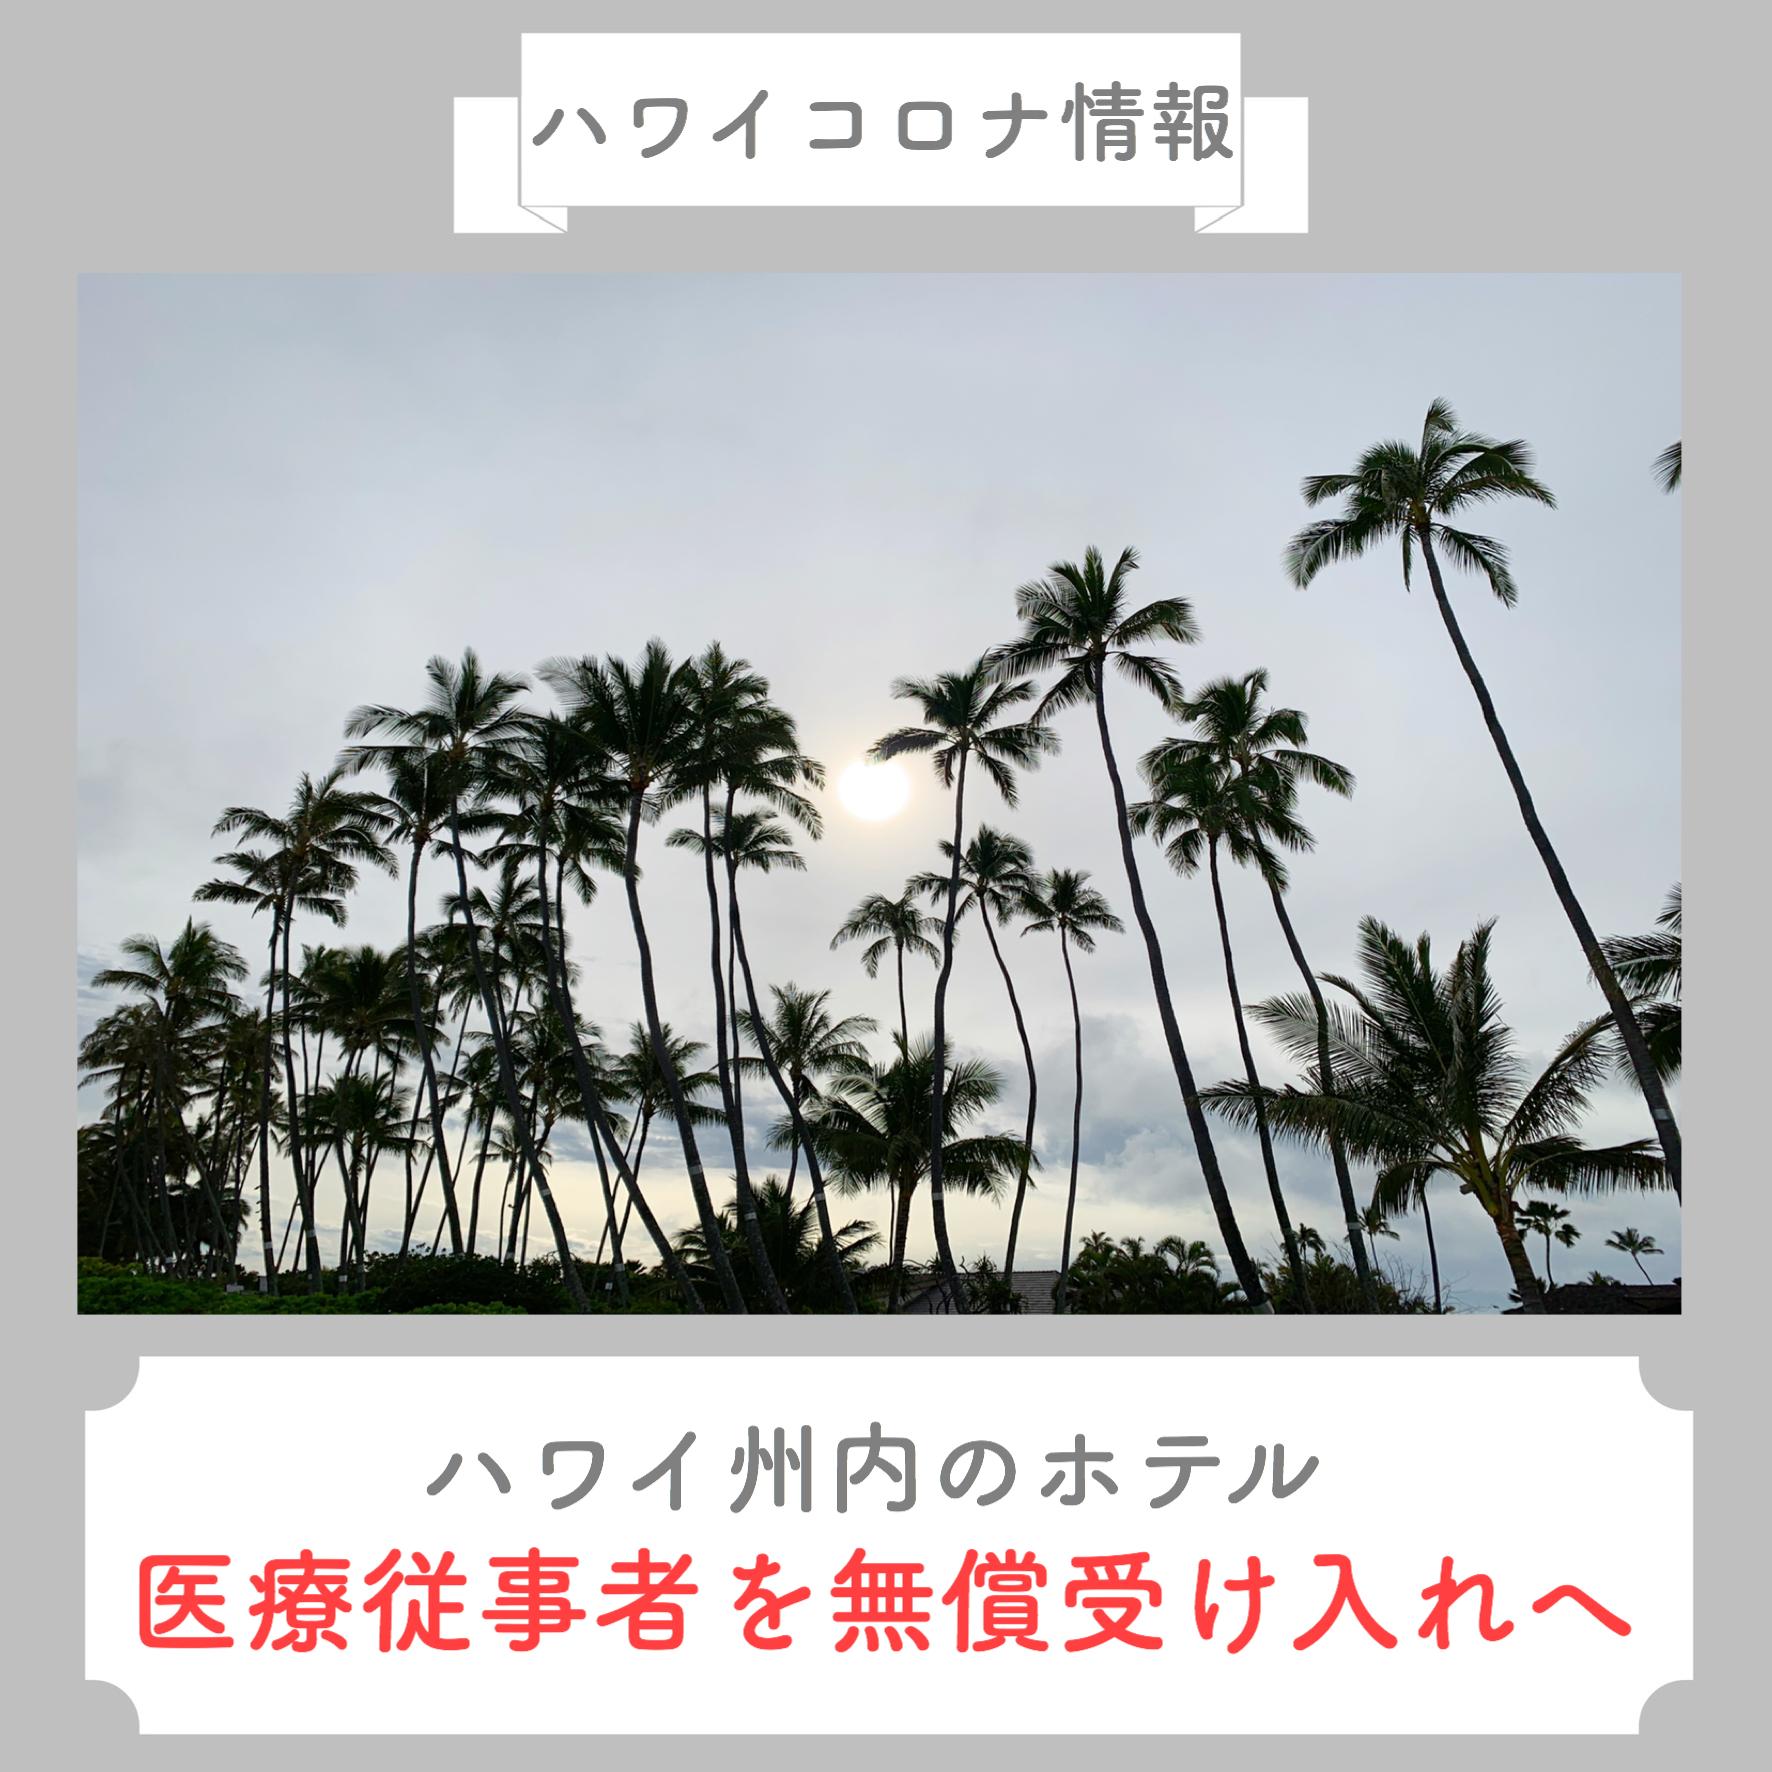 【ハワイコロナ情報】ハワイホテルが医療従事者を受け入れ 検査人数は1万3500人以上